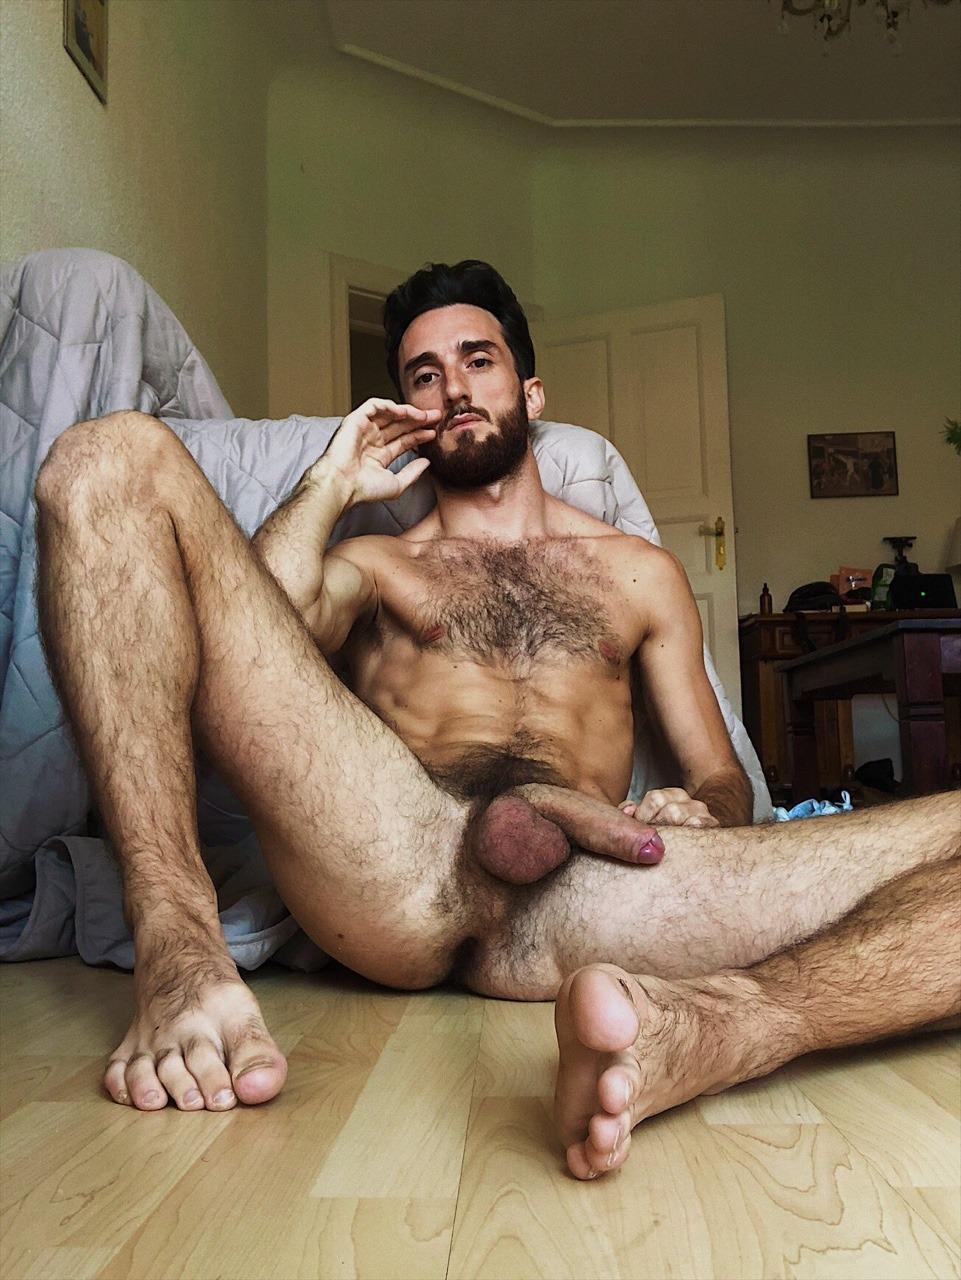 gay hot daddy dude men porn str8 sexting cruising cock feet